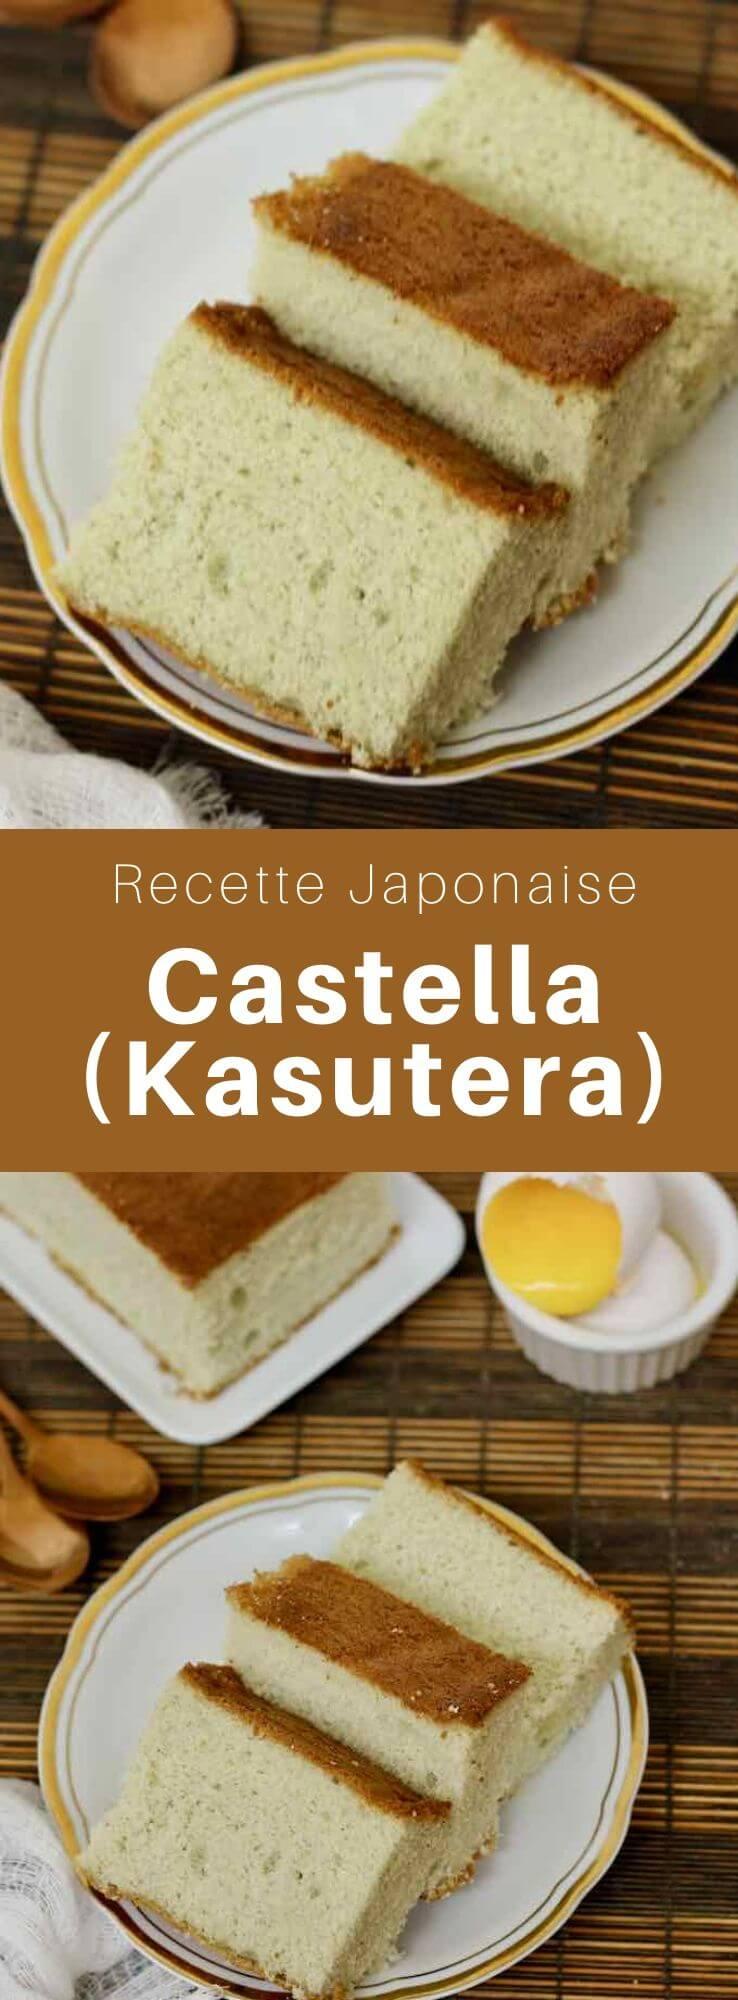 Le castella ou kasutera (カステラ) est un gâteau éponge japonais, fait de sucre, farine, œufs et mizuame (sirop de malt) importé par les missionnaires portugais à Nagasaki au XVIe siècle. #Japon #CuisineJaponaise #RecetteJaponaise #CuisineDuMonde #196flavors